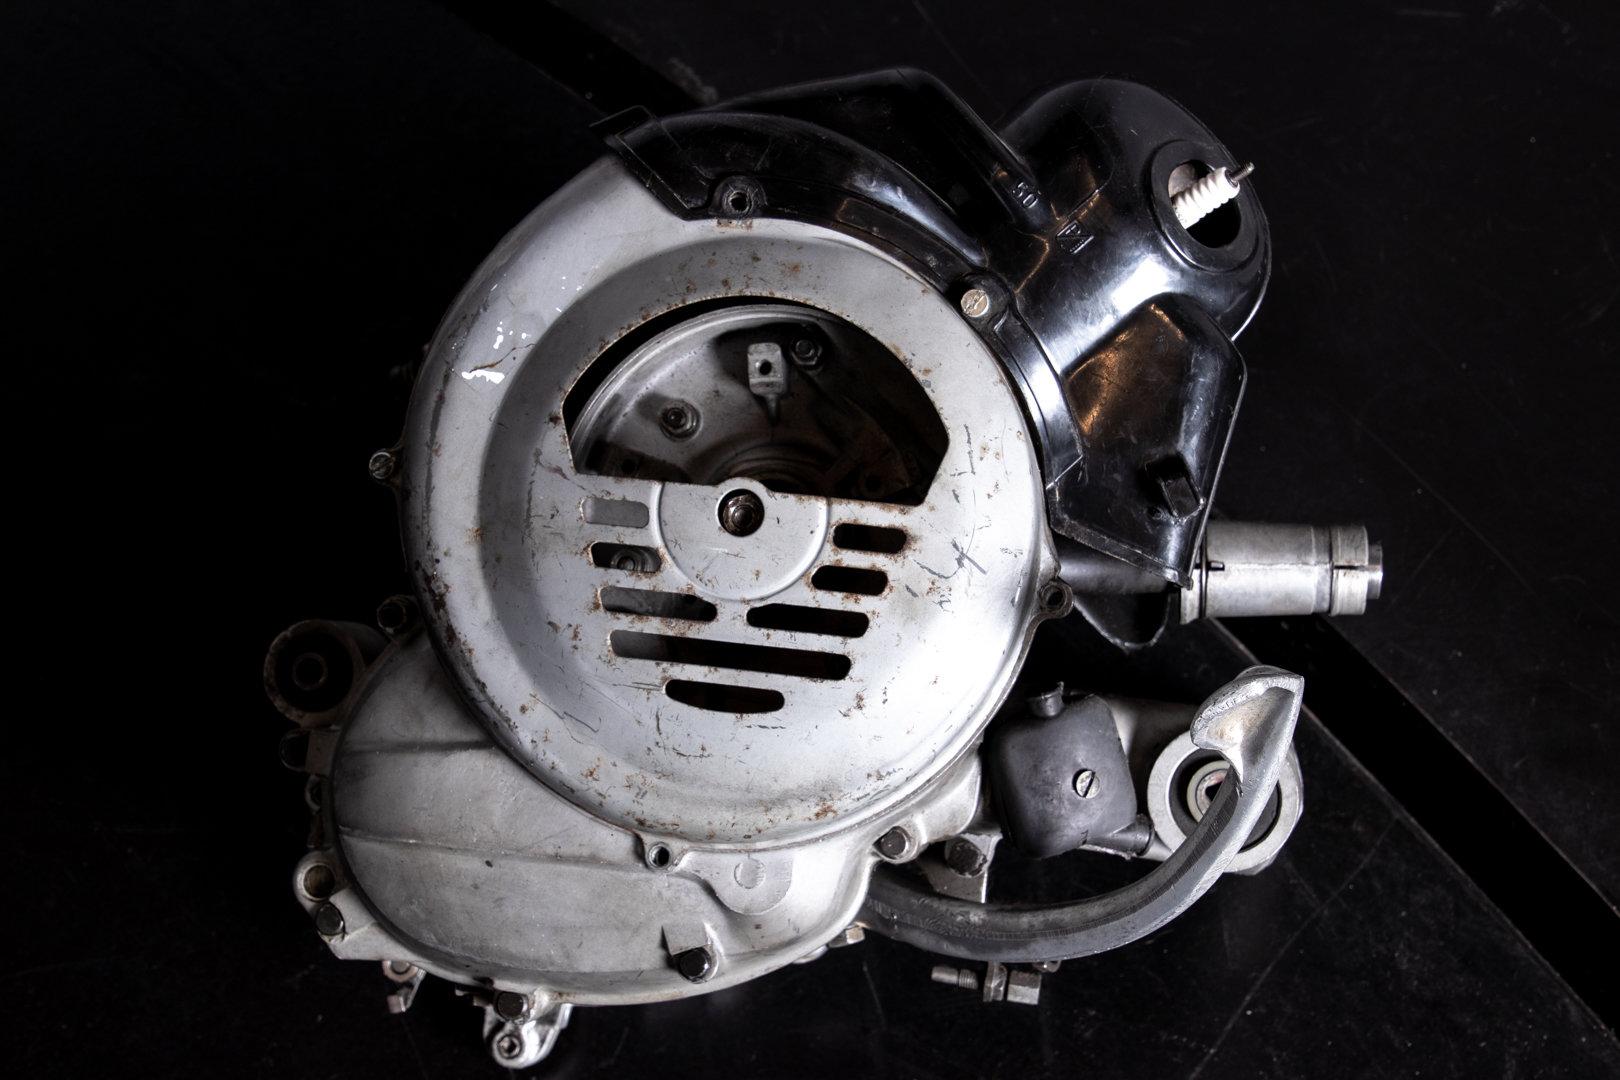 1950 Piaggio Vespa Engine For Sale (picture 2 of 7)